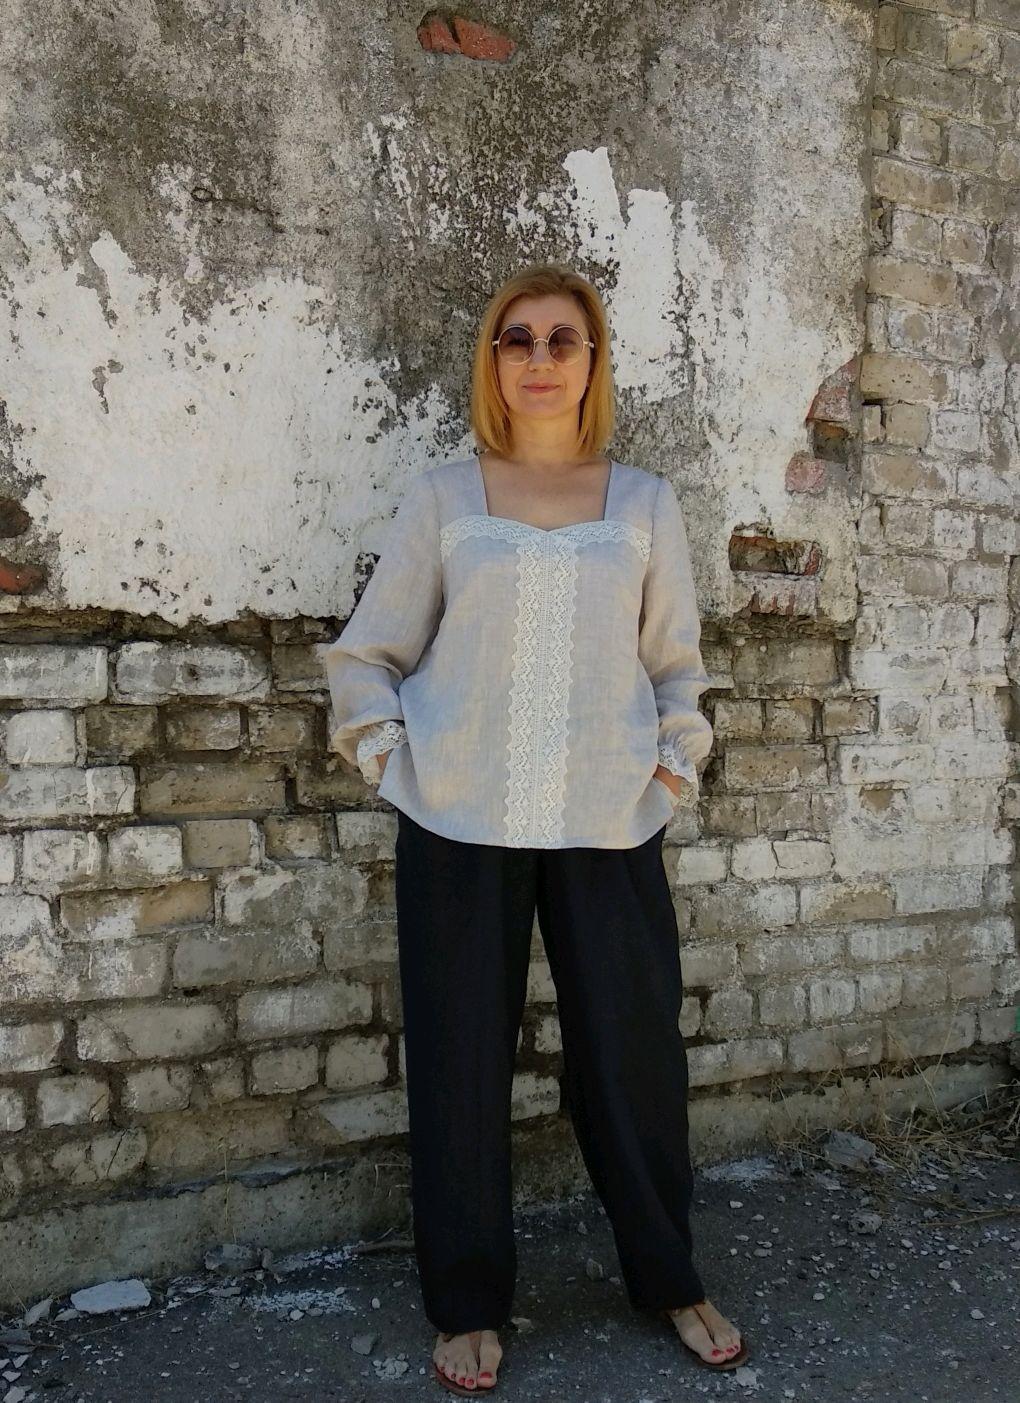 Блуза из льна серая Арт 129-7 с кружевом длинный рукав, Блузки, Новороссийск,  Фото №1